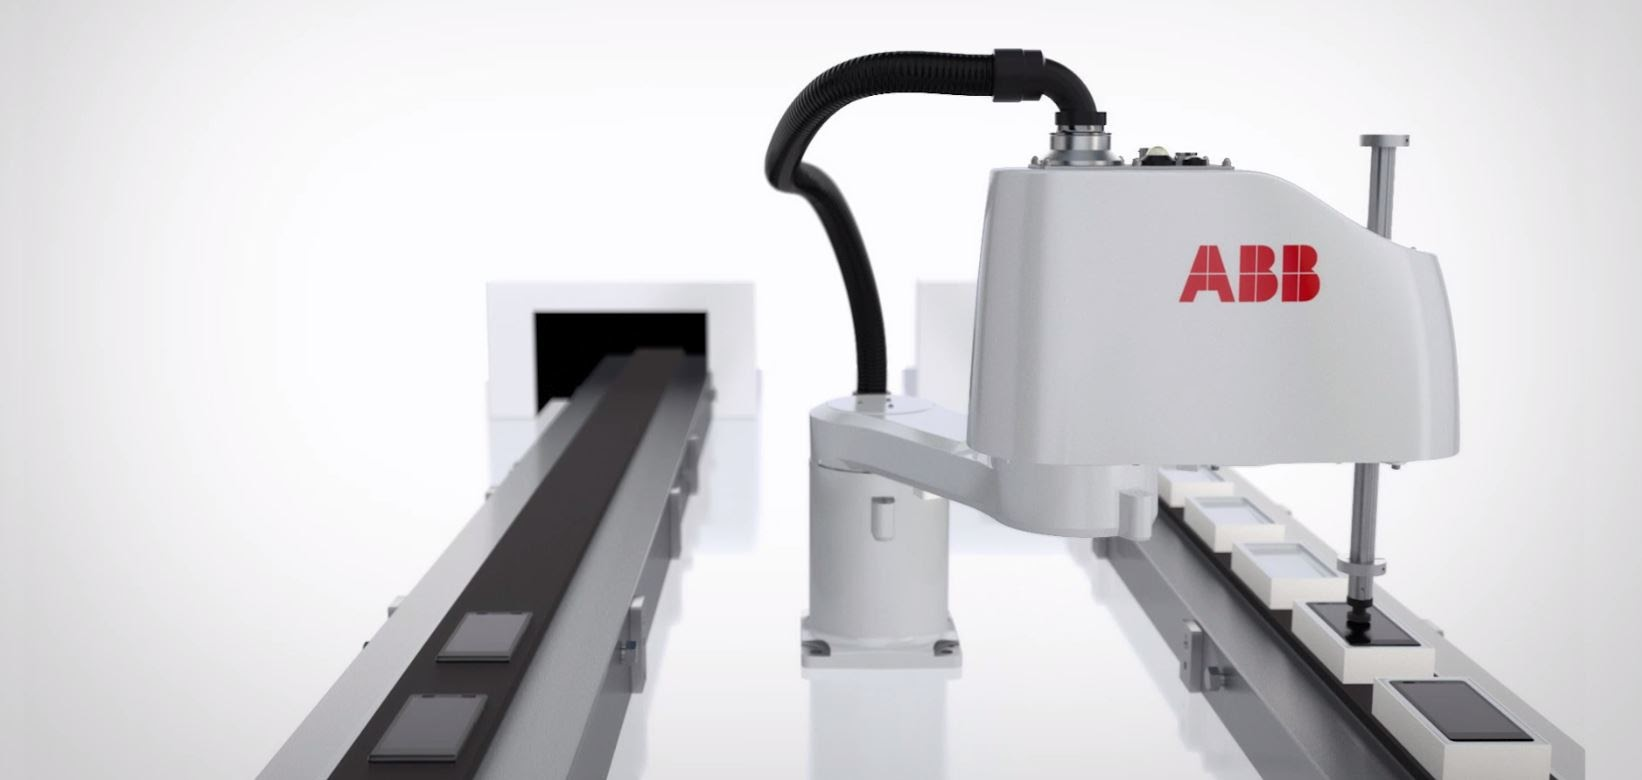 Промышленный робот АВВ IRB 910SC 650-3